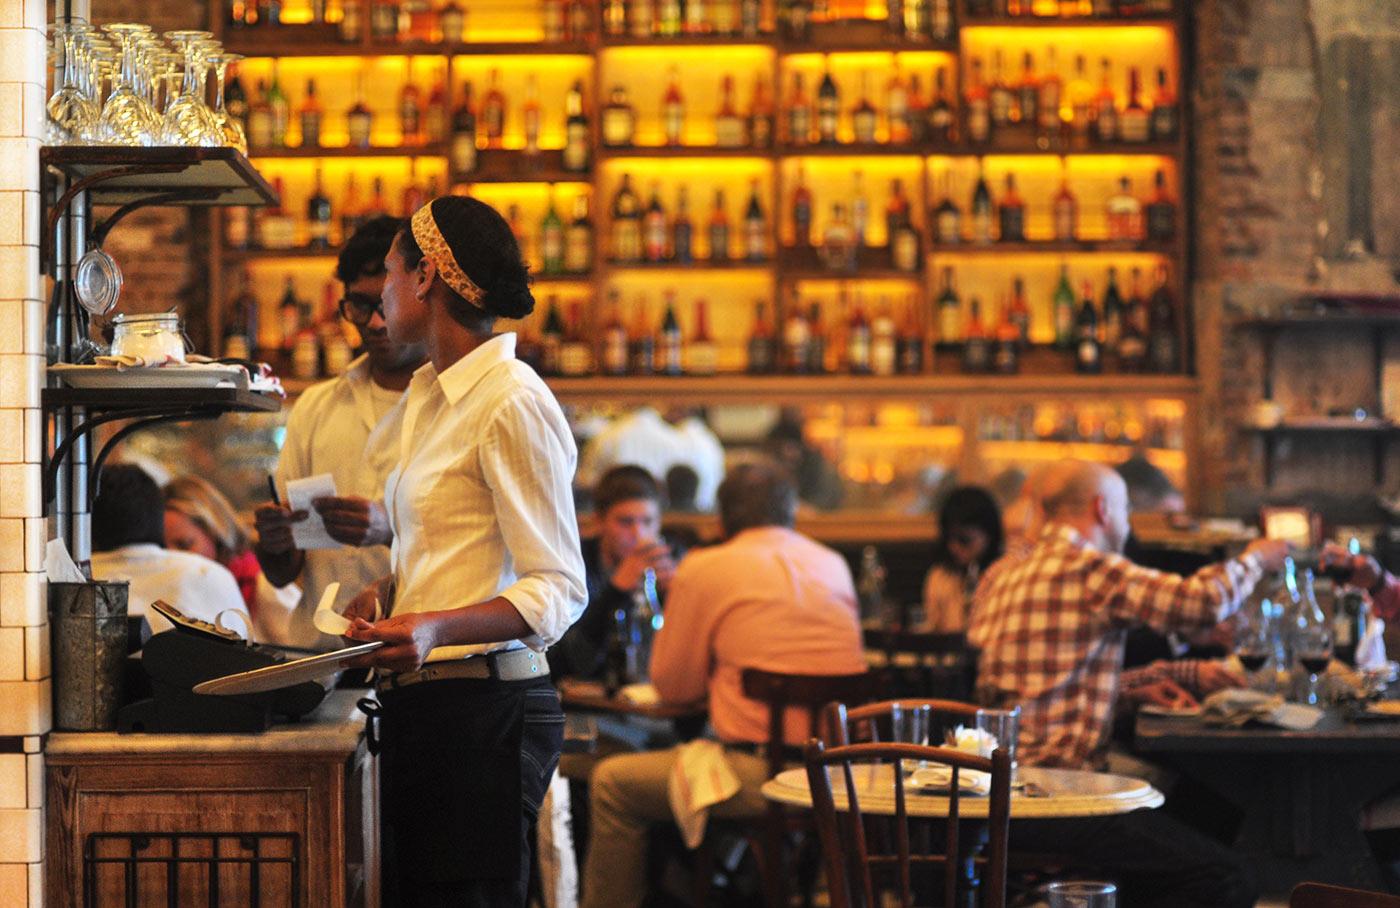 Pullinos 002 | Pulino's Restaurant - New York